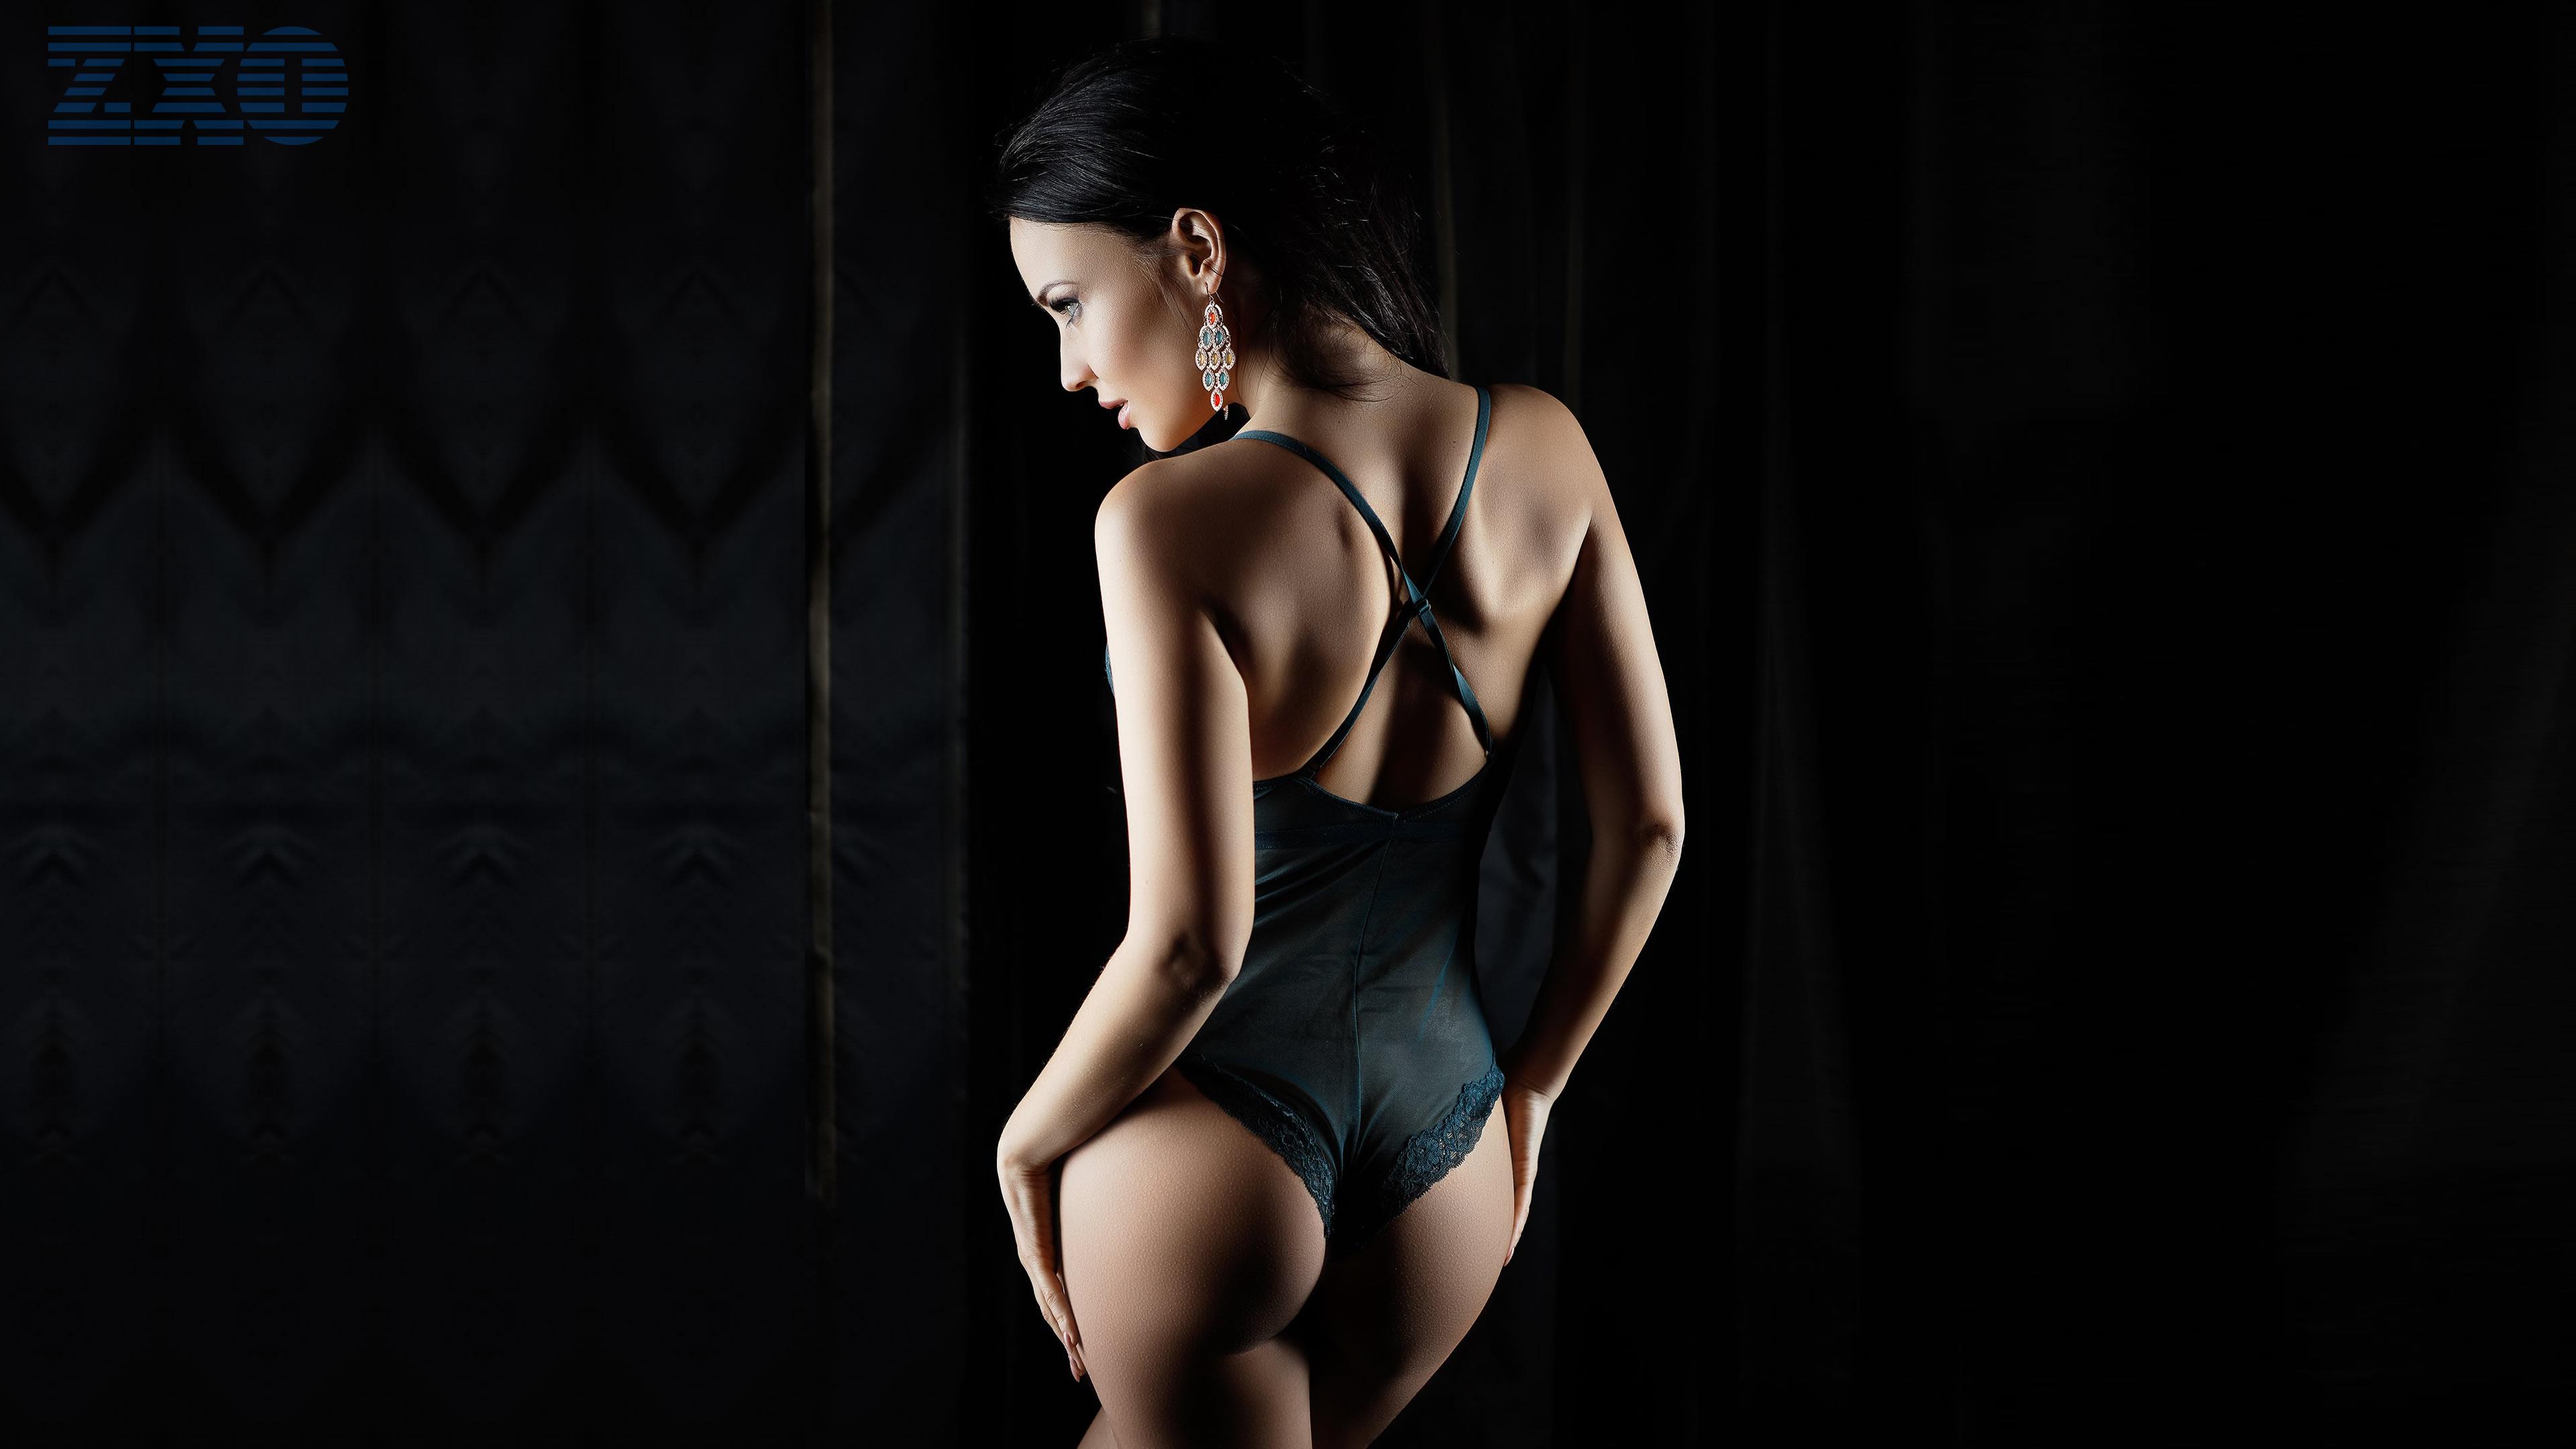 デスクトップ壁紙 アンジェリーナ ペトロワ ブルネット モデル